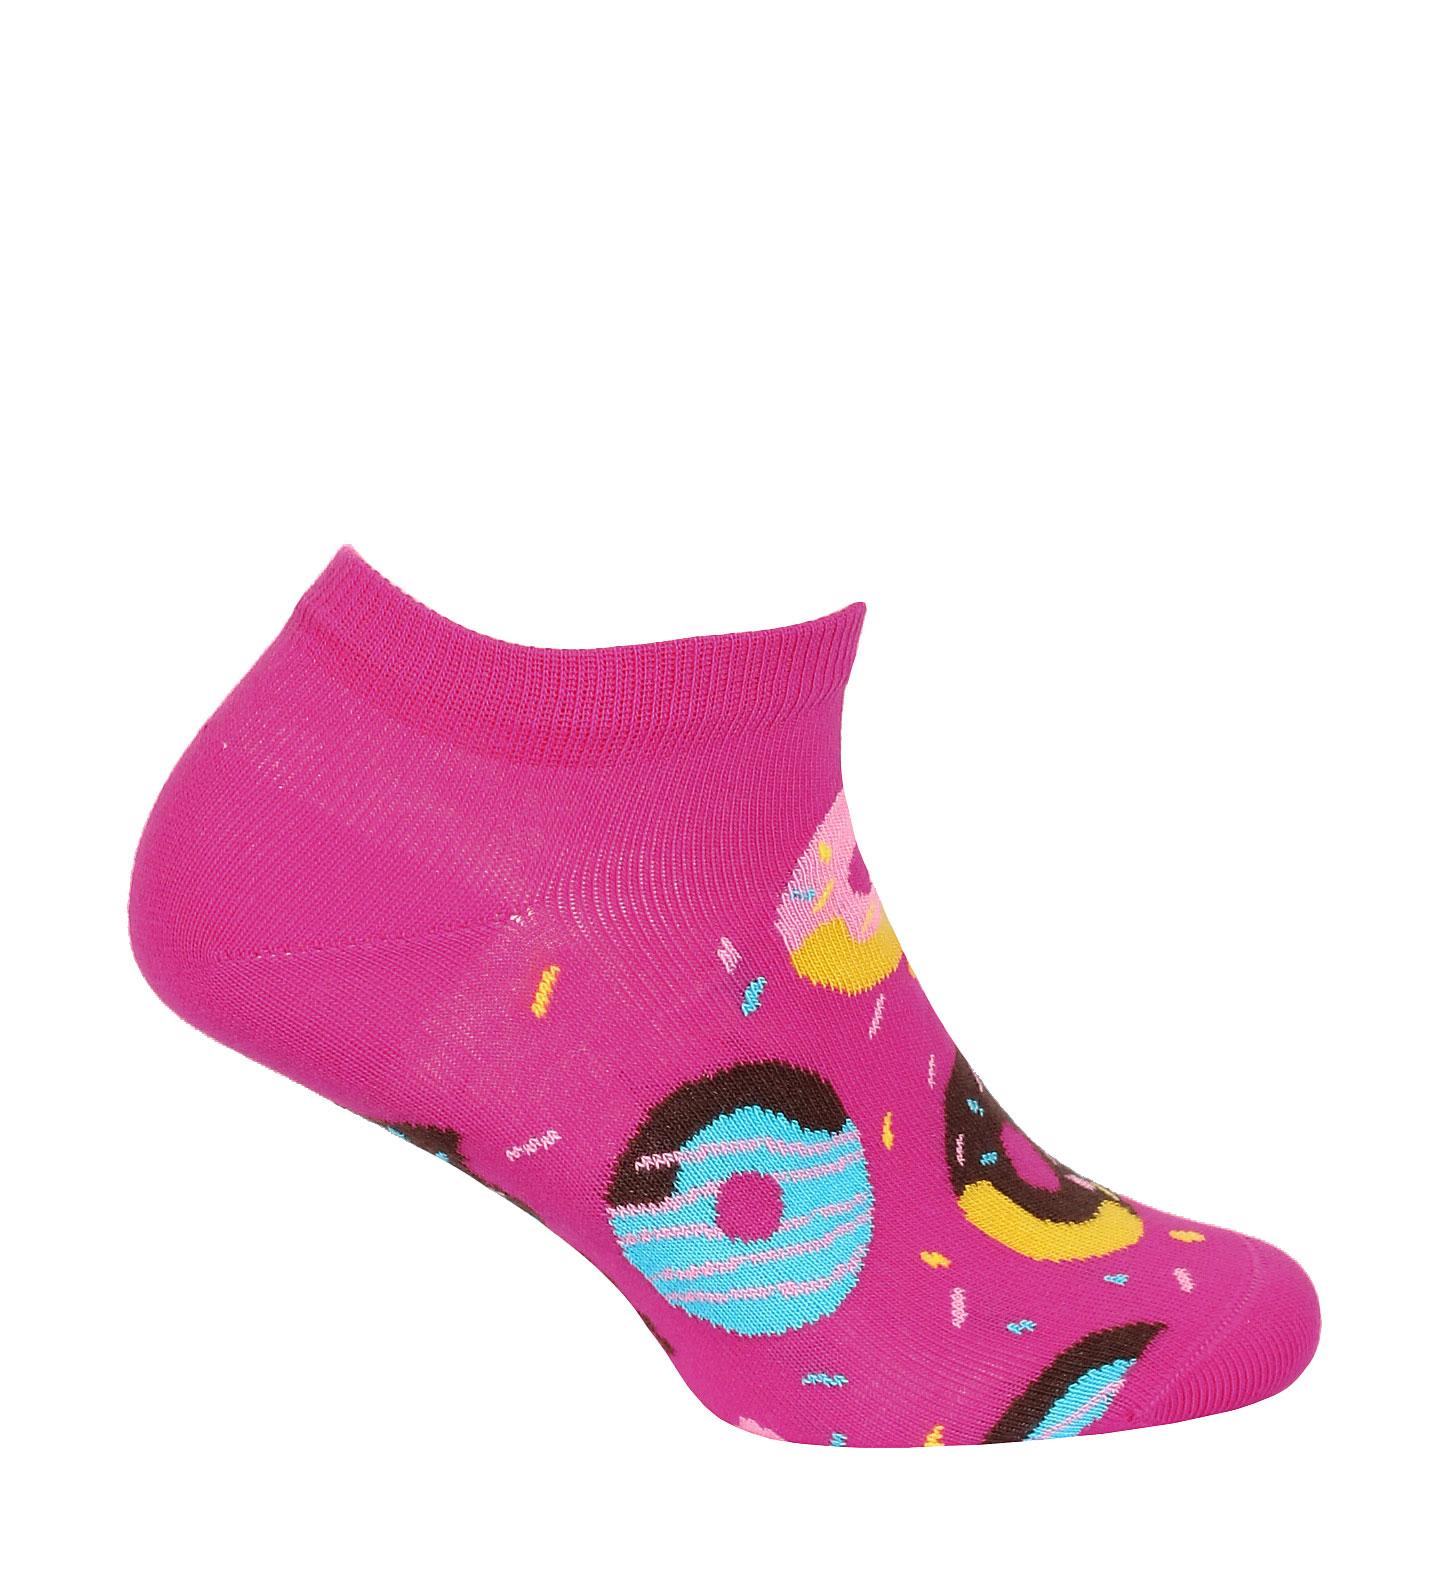 dětské ponožky kotníkové WOLA DONUTY 24-26